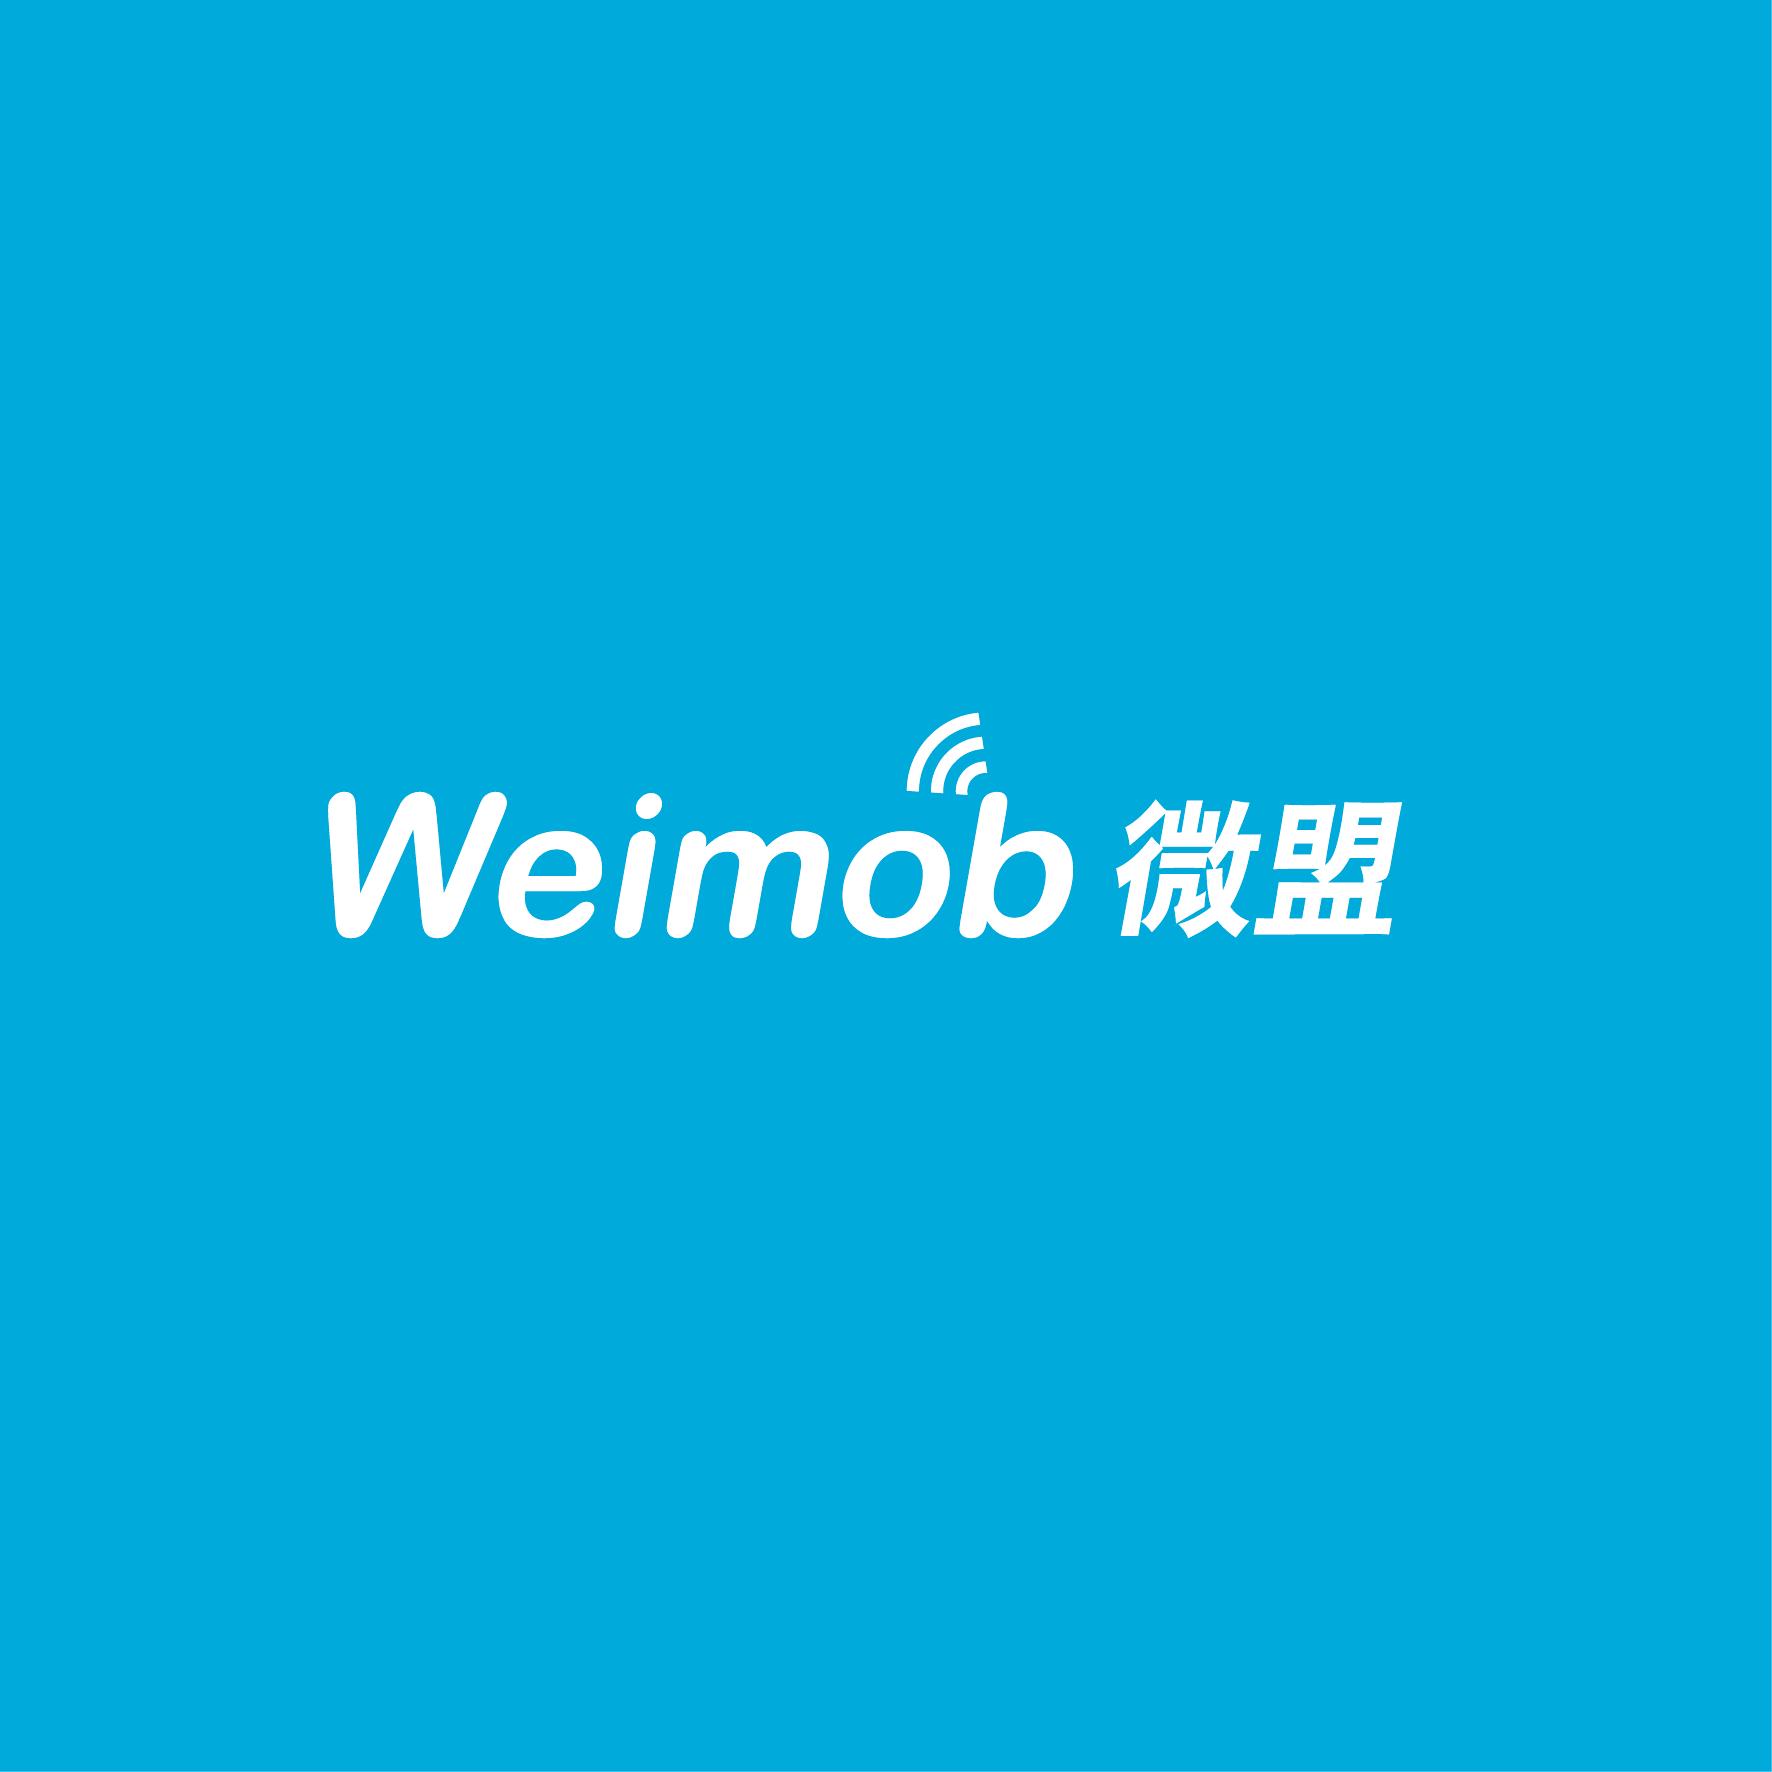 四川微盟运营科技有限公司